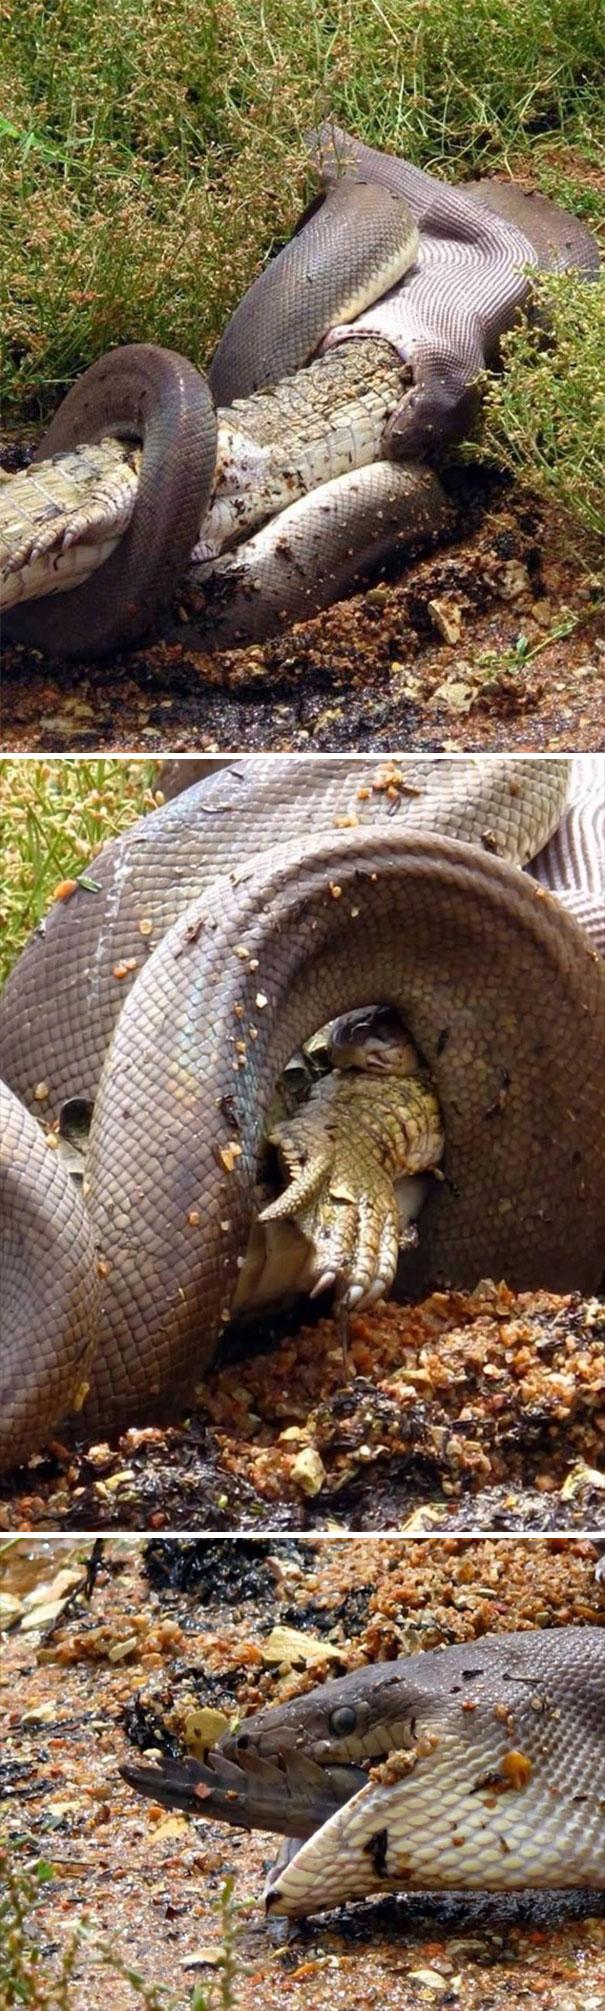 یک مار در حال بلعیدن یک تمساح